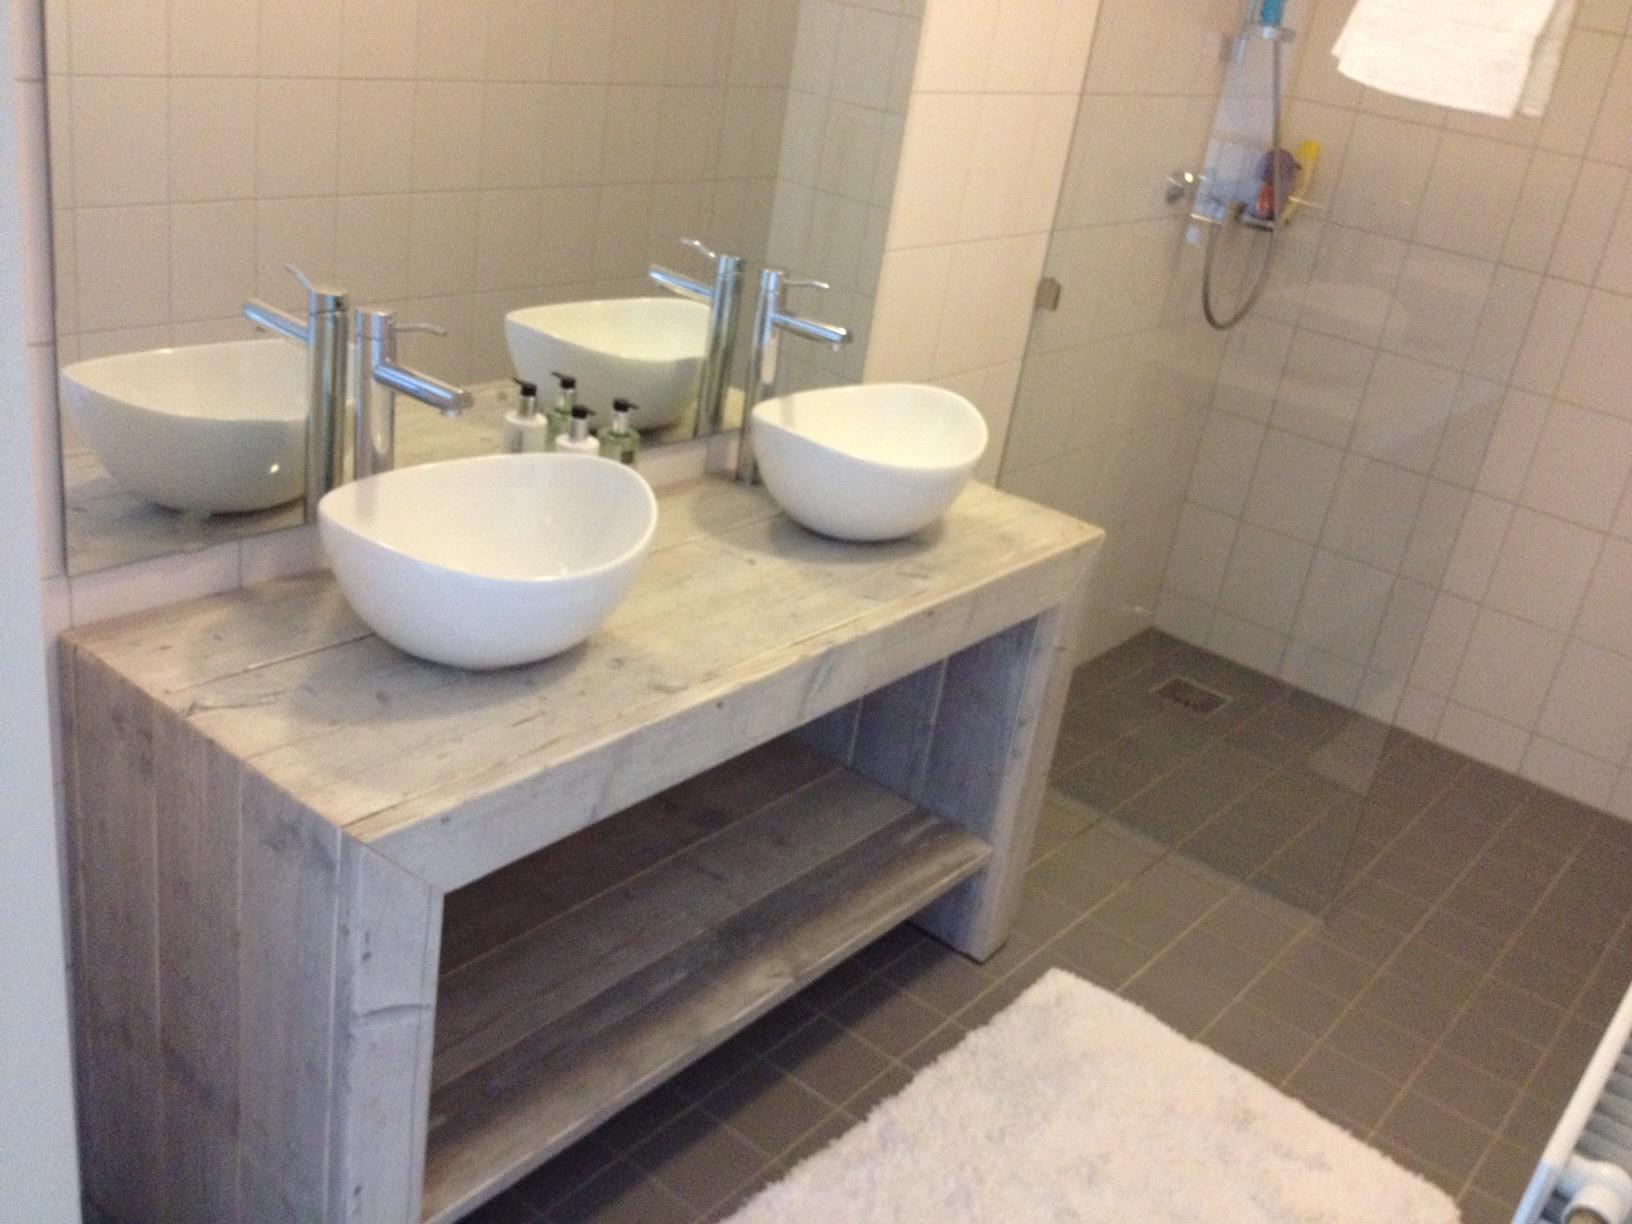 Steigerhout in de badkamer: slim of onverstandig?